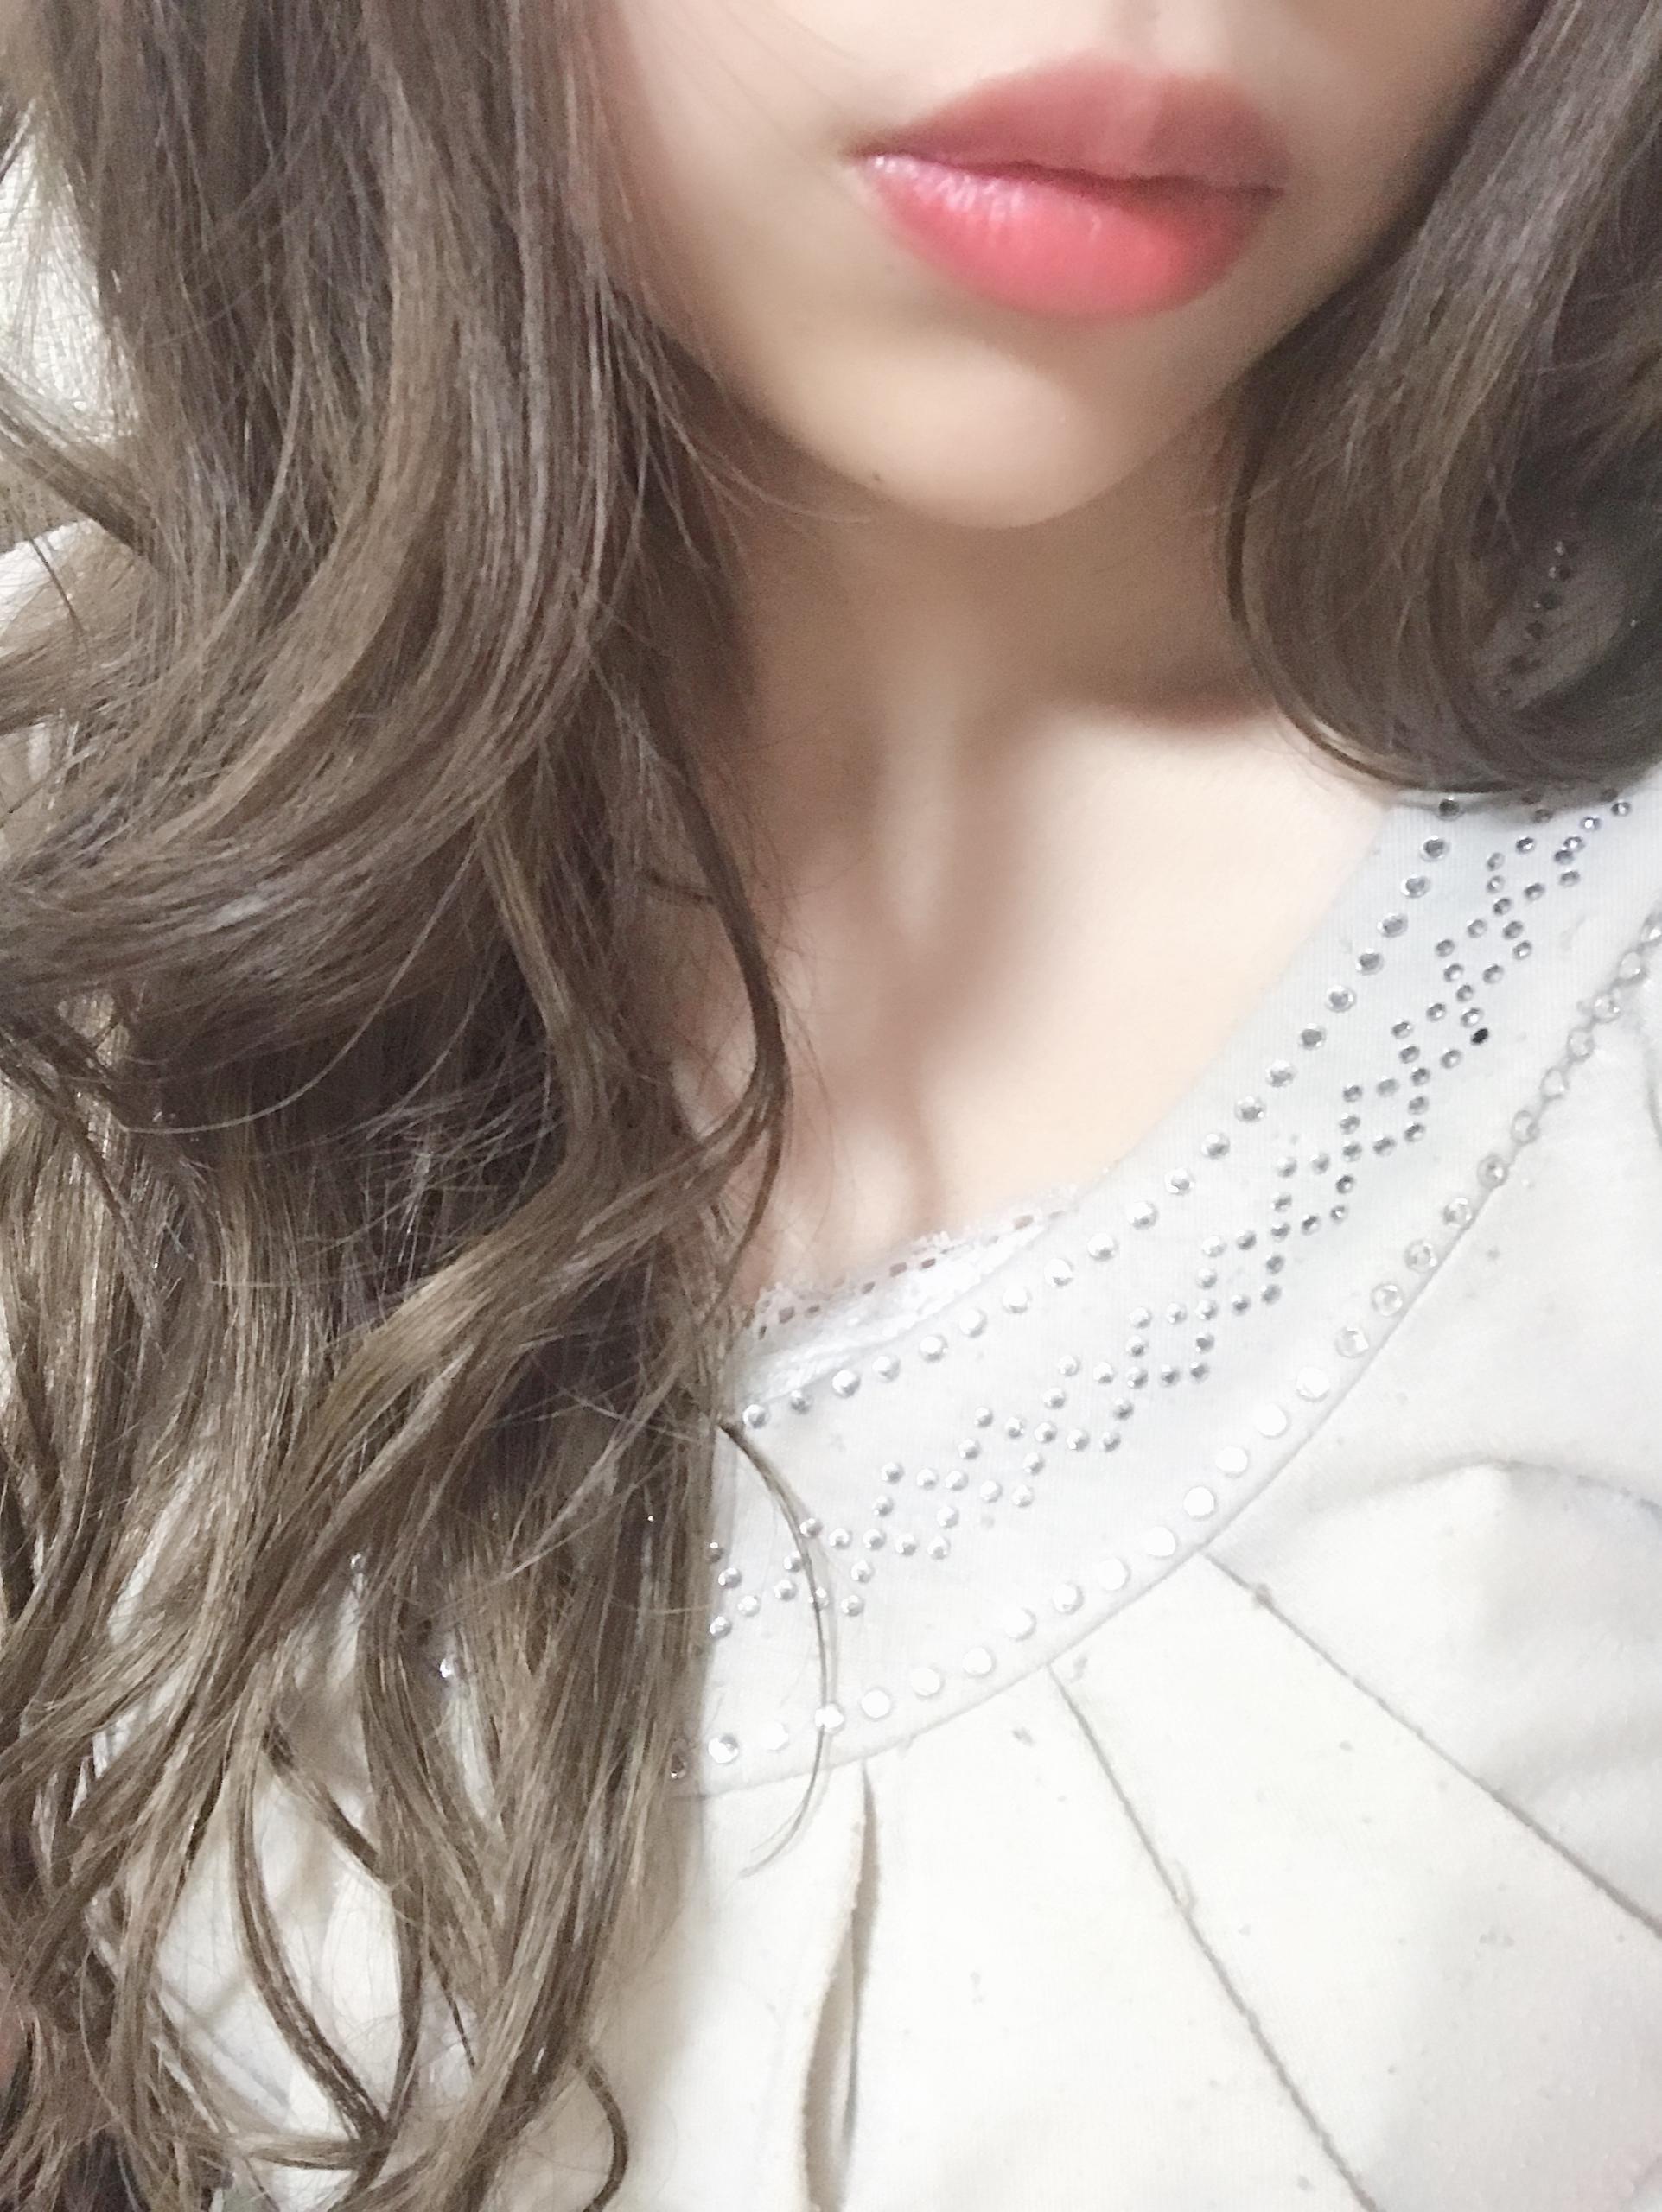 「こんばんは( ¨̮ )」12/22(土) 18:39 | 藤崎 あんりの写メ・風俗動画